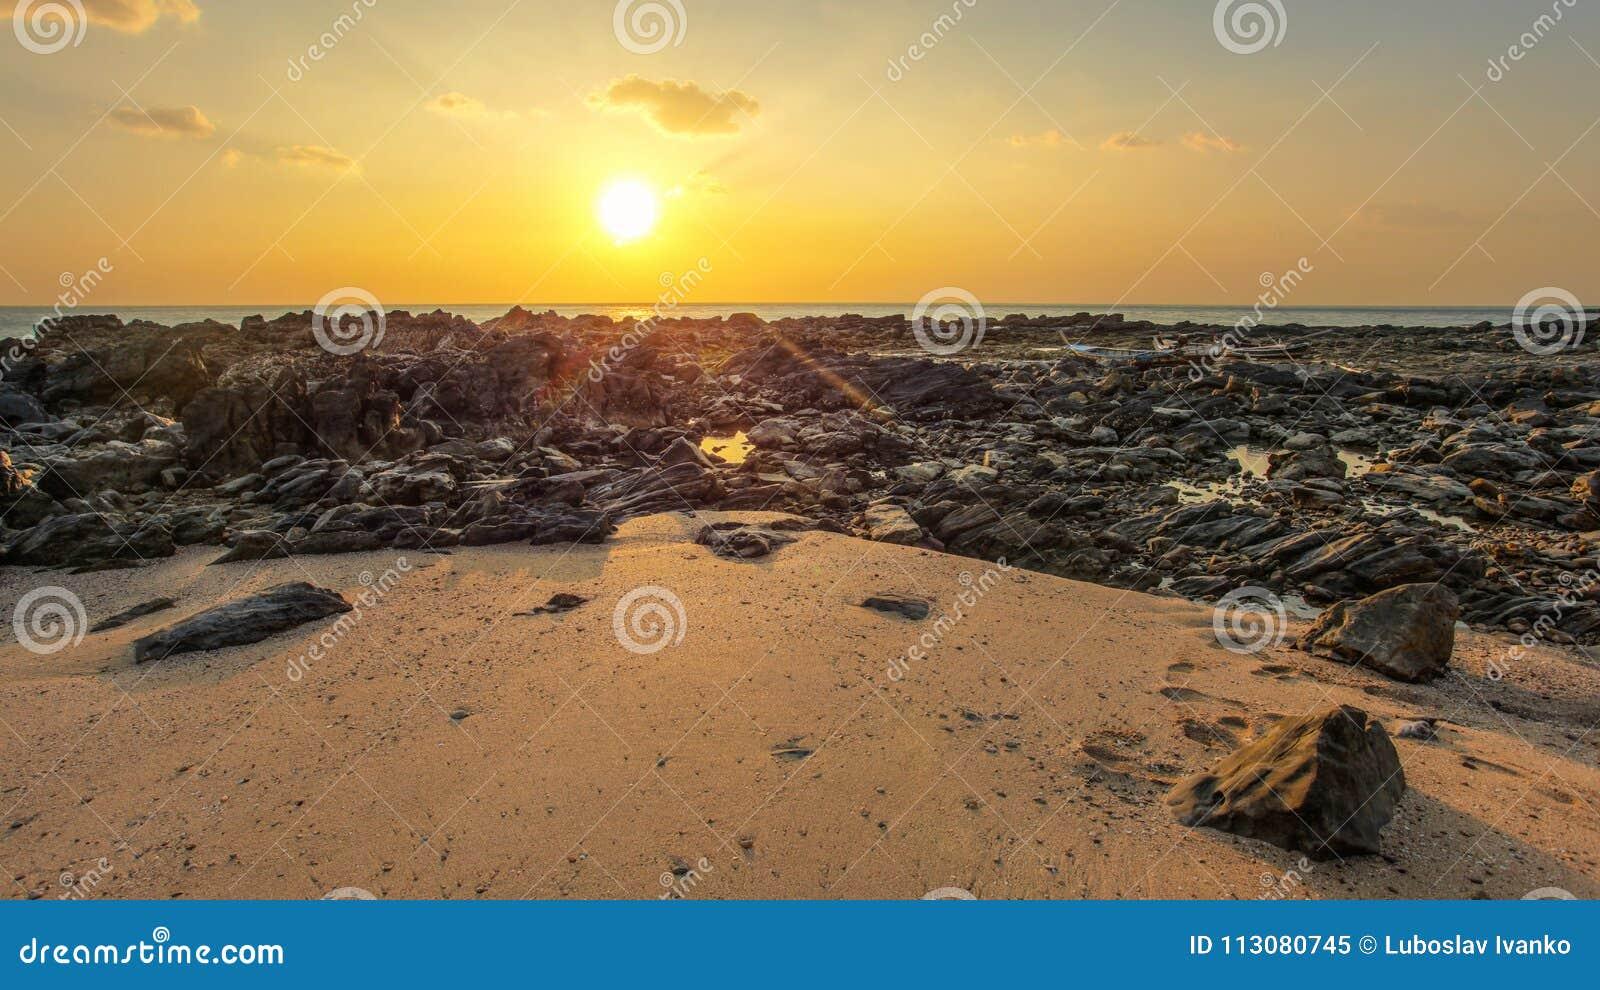 Le rocce e la spiaggia sabbiosa hanno scoperto nella bassa marea con le barche